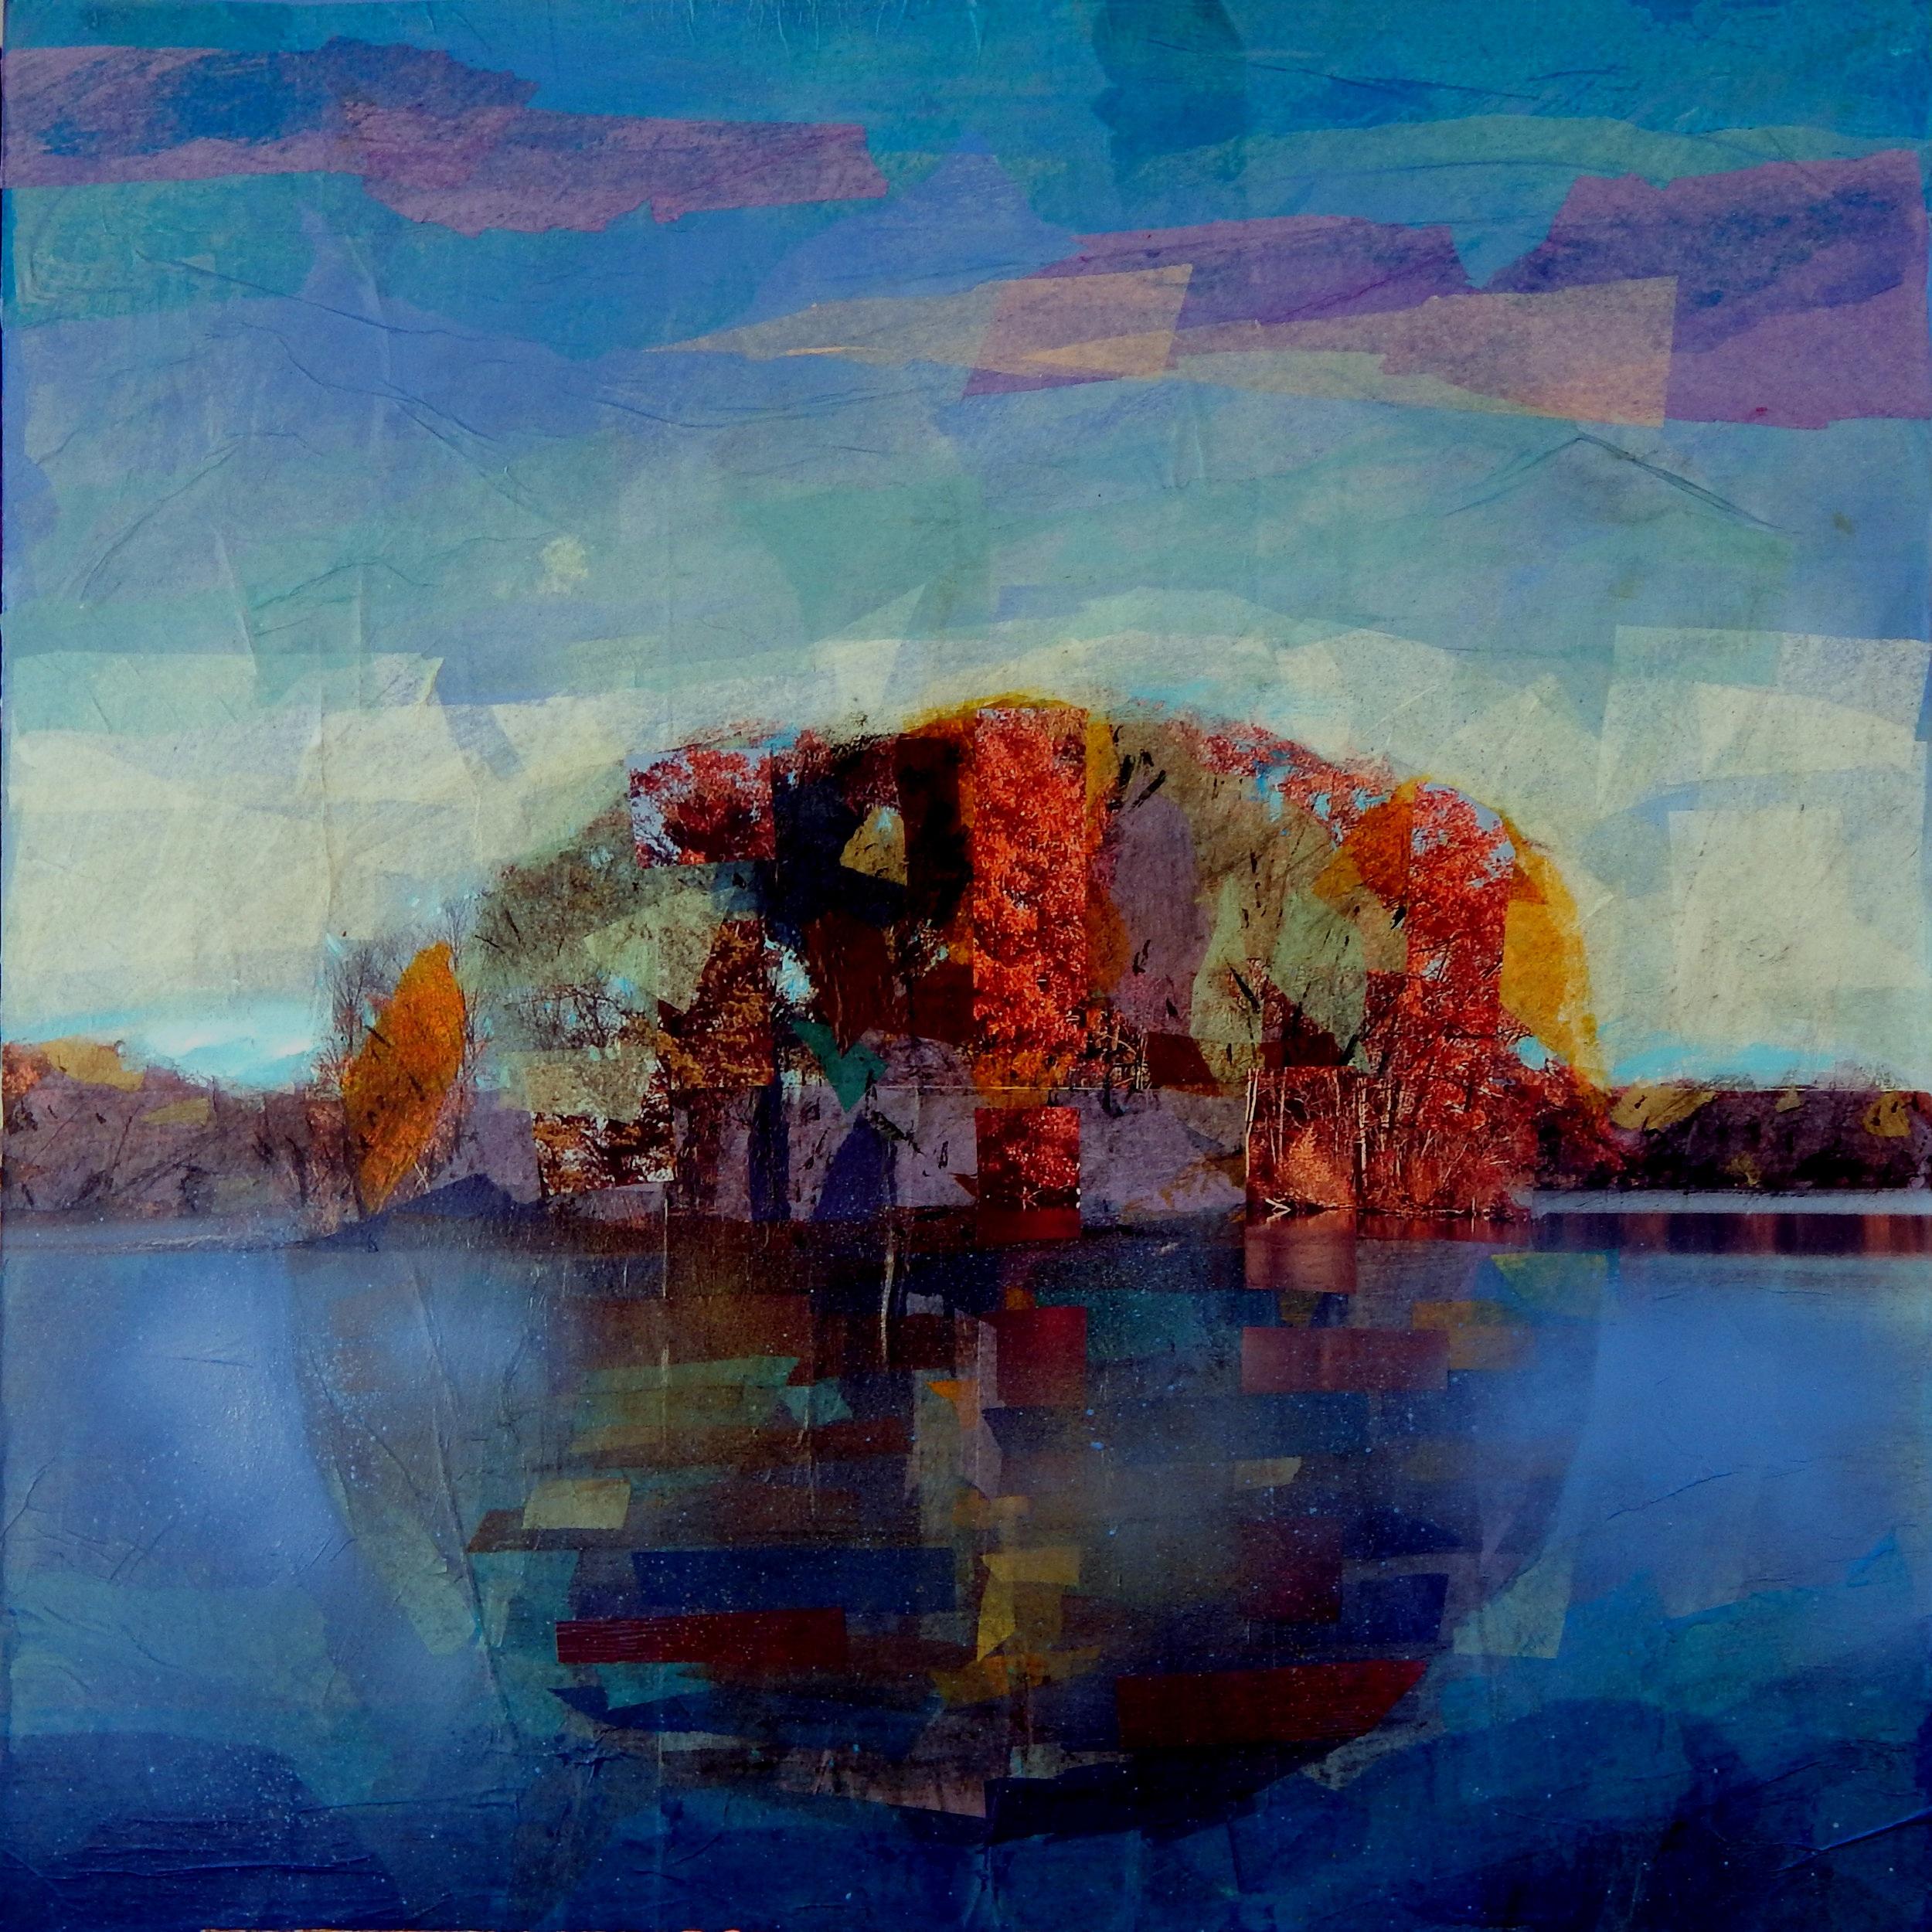 Tim Tolman: Turner Reservoir Island